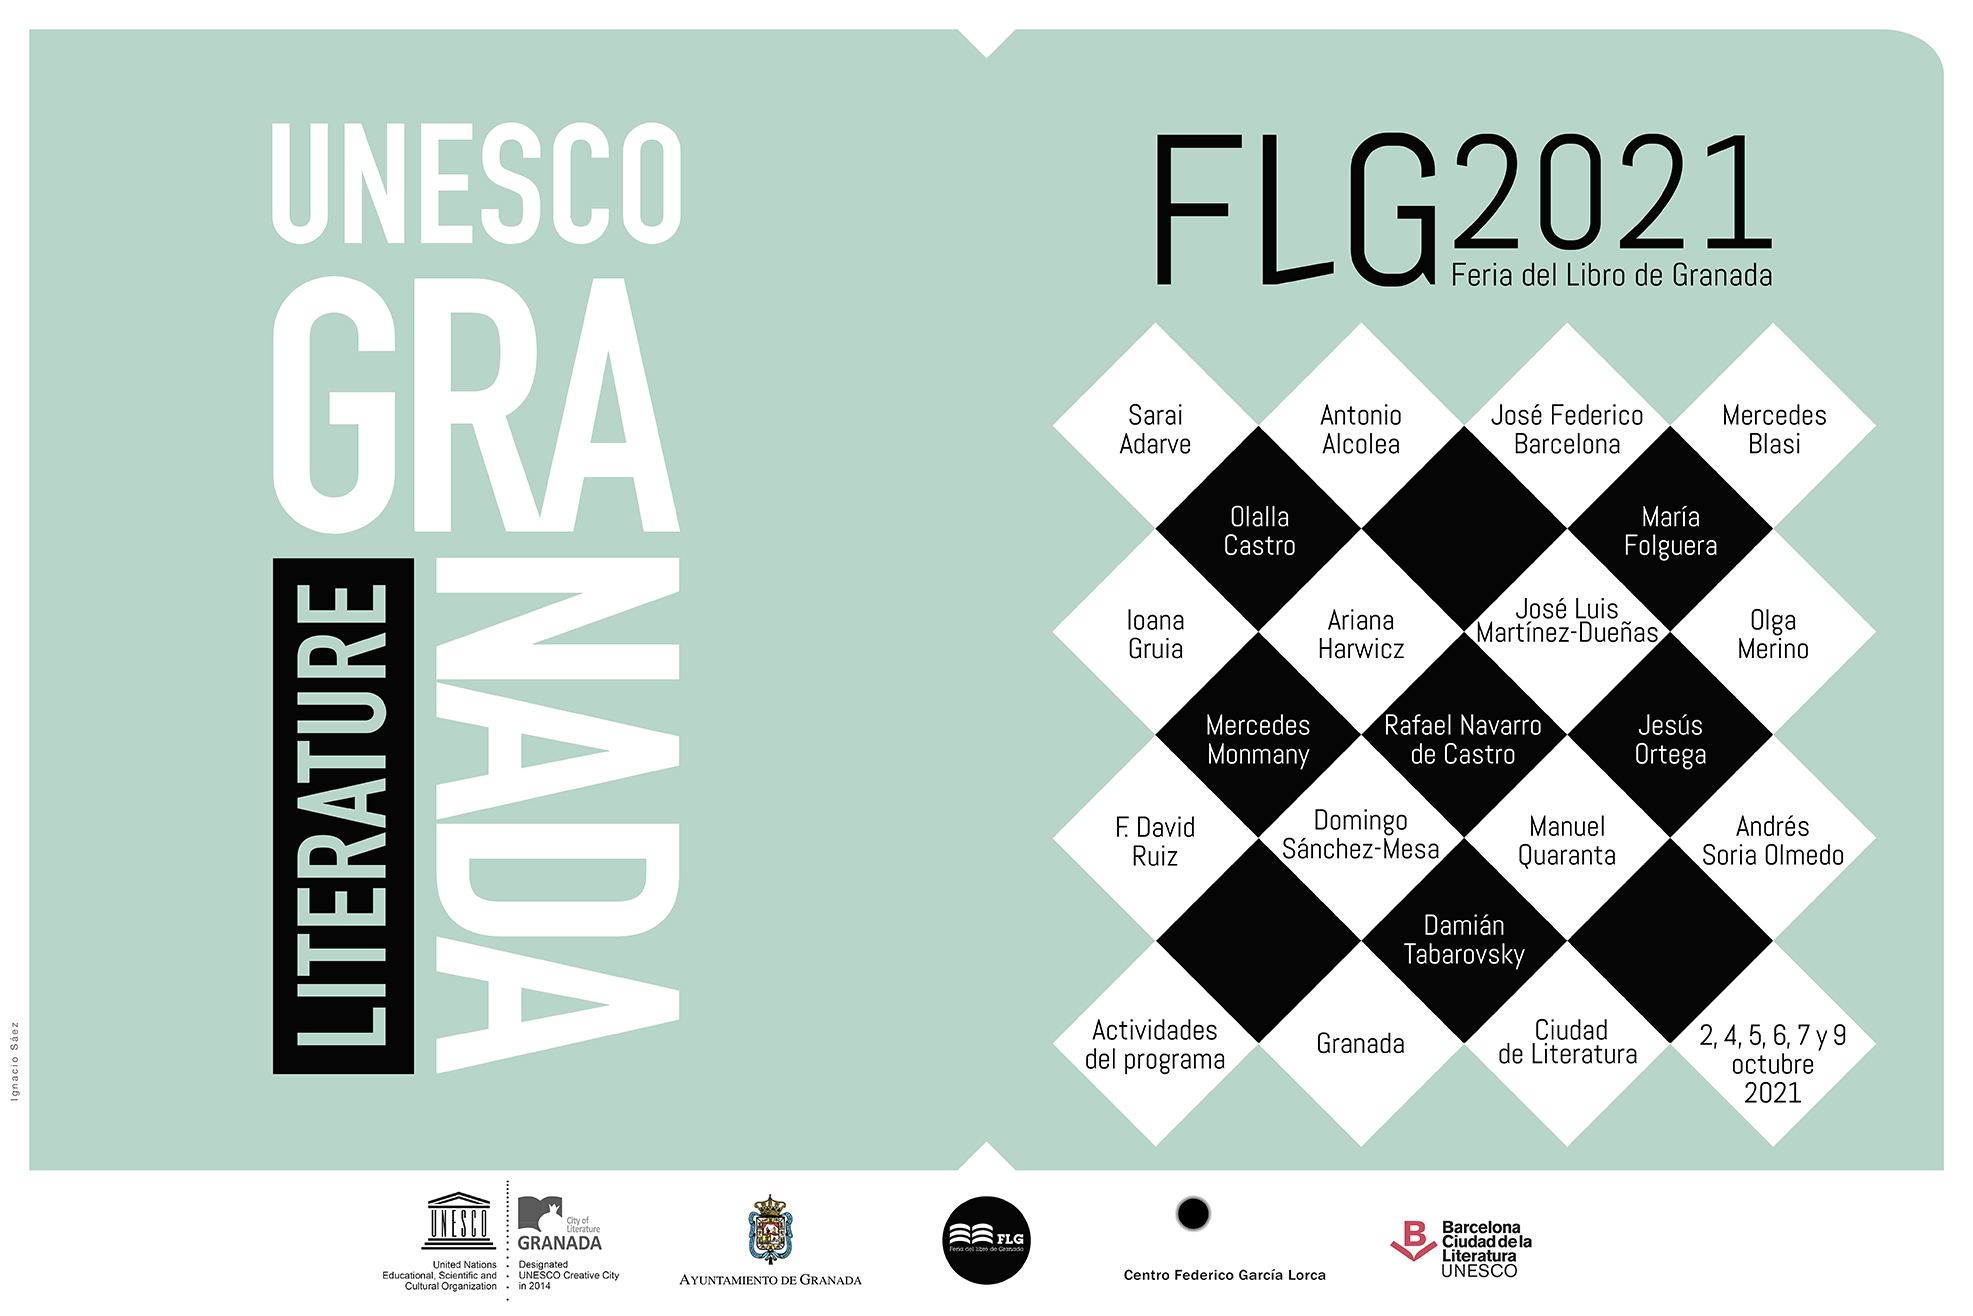 Cartel_general_actividades_Granada_UNESCO_Feria_del_libro_de_Granada_2021